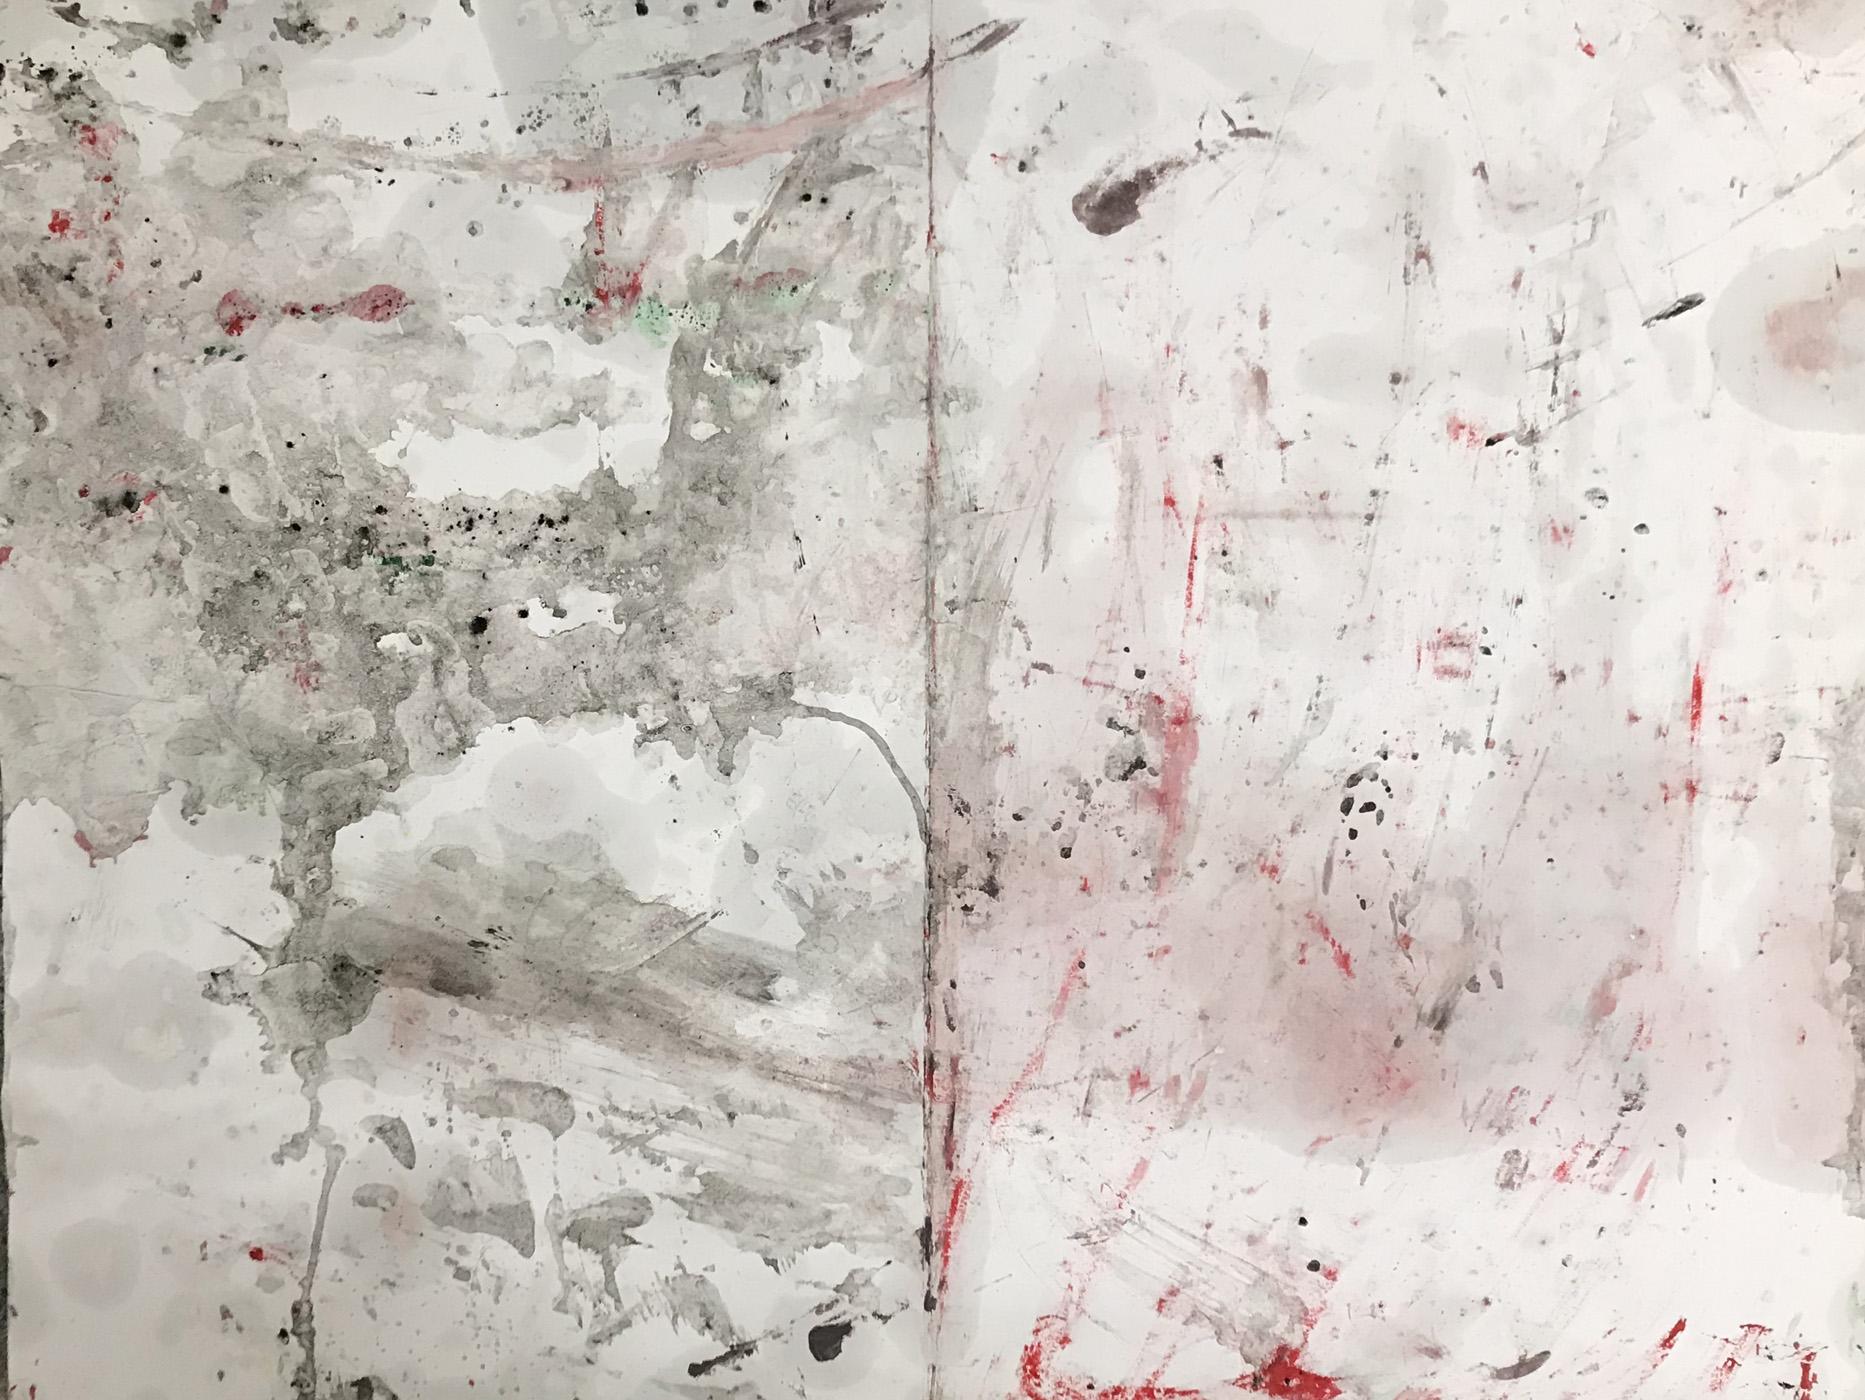 MARC FELD 2020 BALIVERNES Huile sur papier 50 x 65 cm